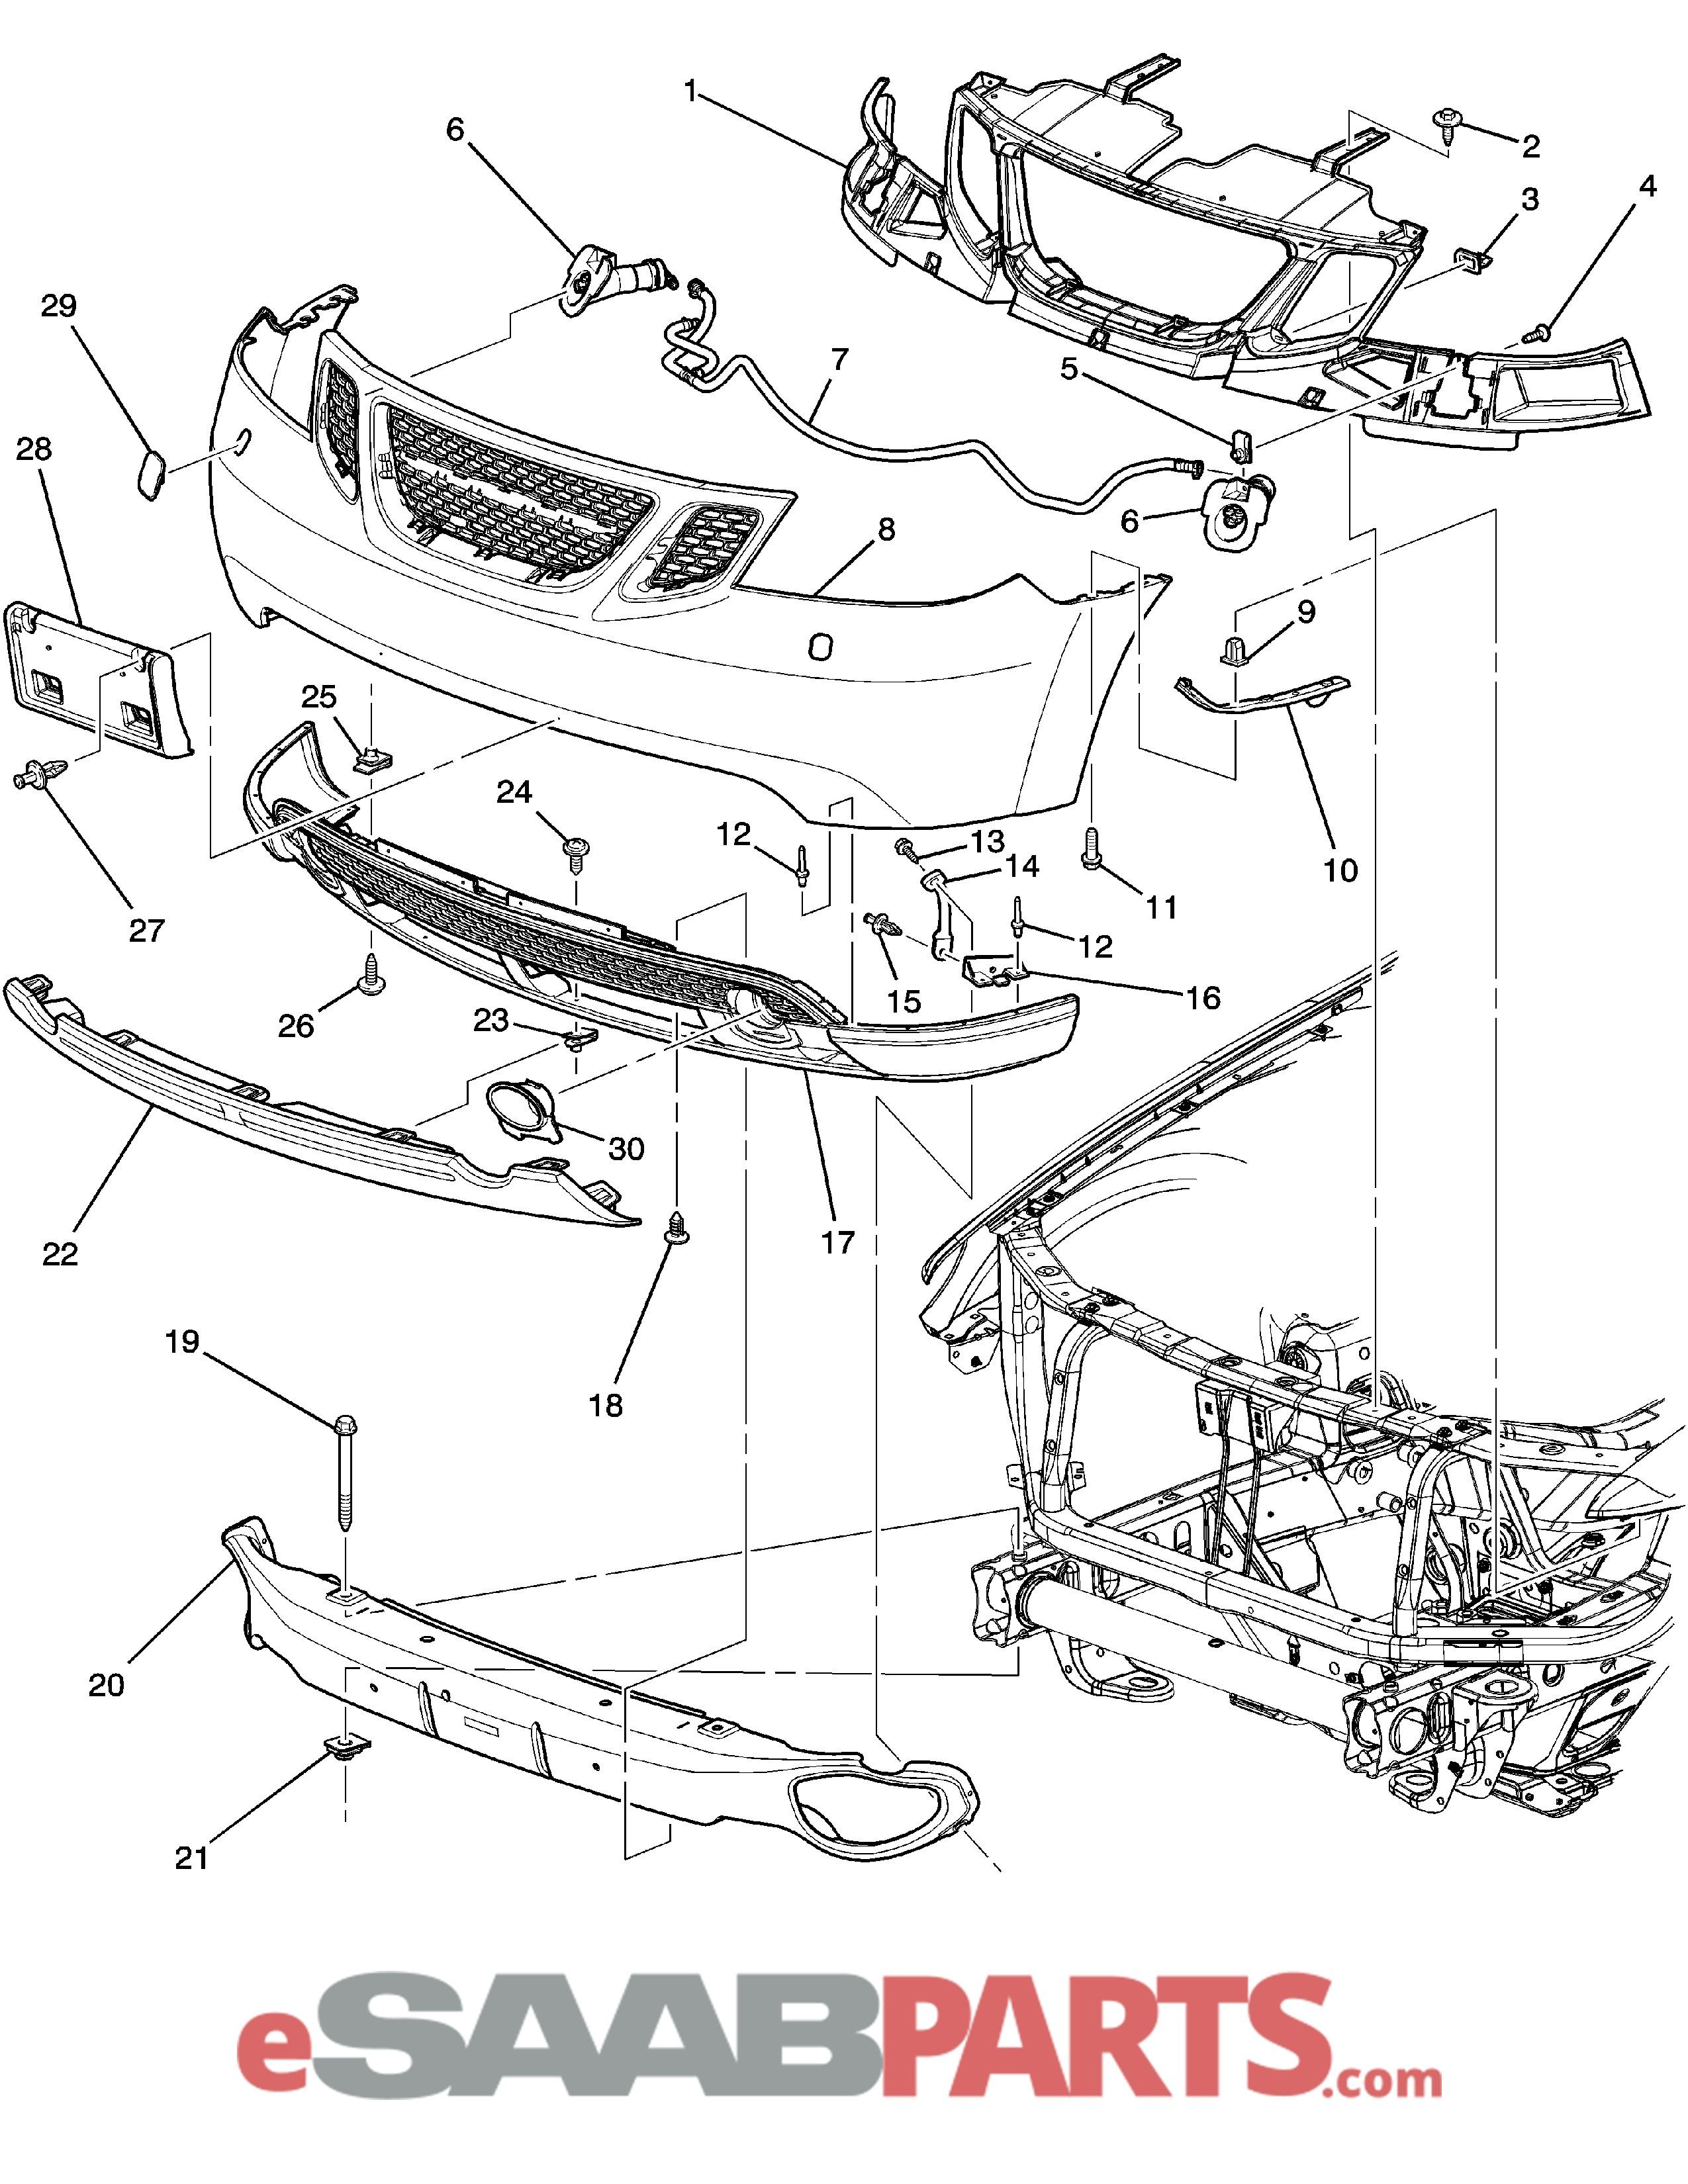 Car Front End Parts Diagram Esaabparts Saab 9 7x Car Body External Parts Bumpers Of Car Front End Parts Diagram